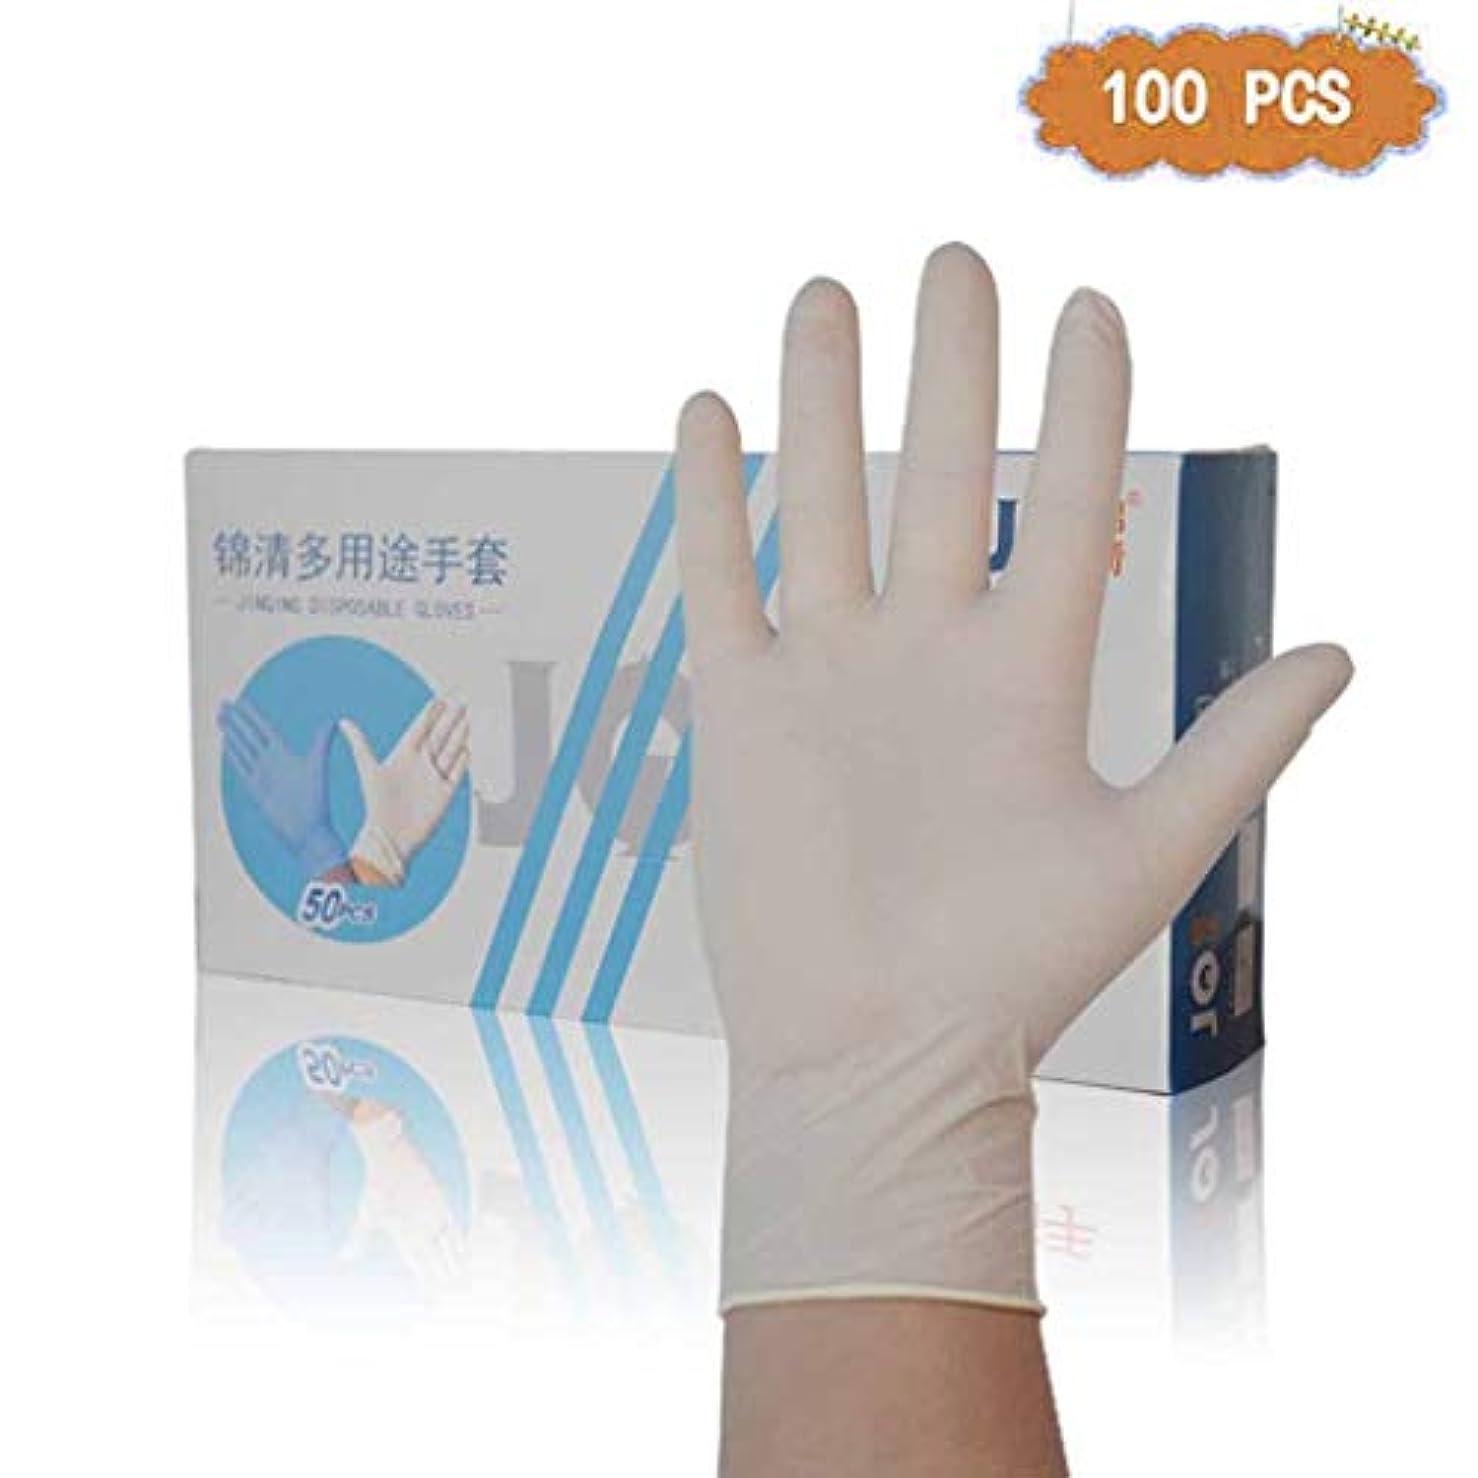 目に見える傾くコンセンサス白いラテックス使い捨て手袋食品ケータリングニトリルゴムクリーニング帯電防止テストゴム義務試験手袋|病院向けのプロフェッショナルグレード (Size : S)